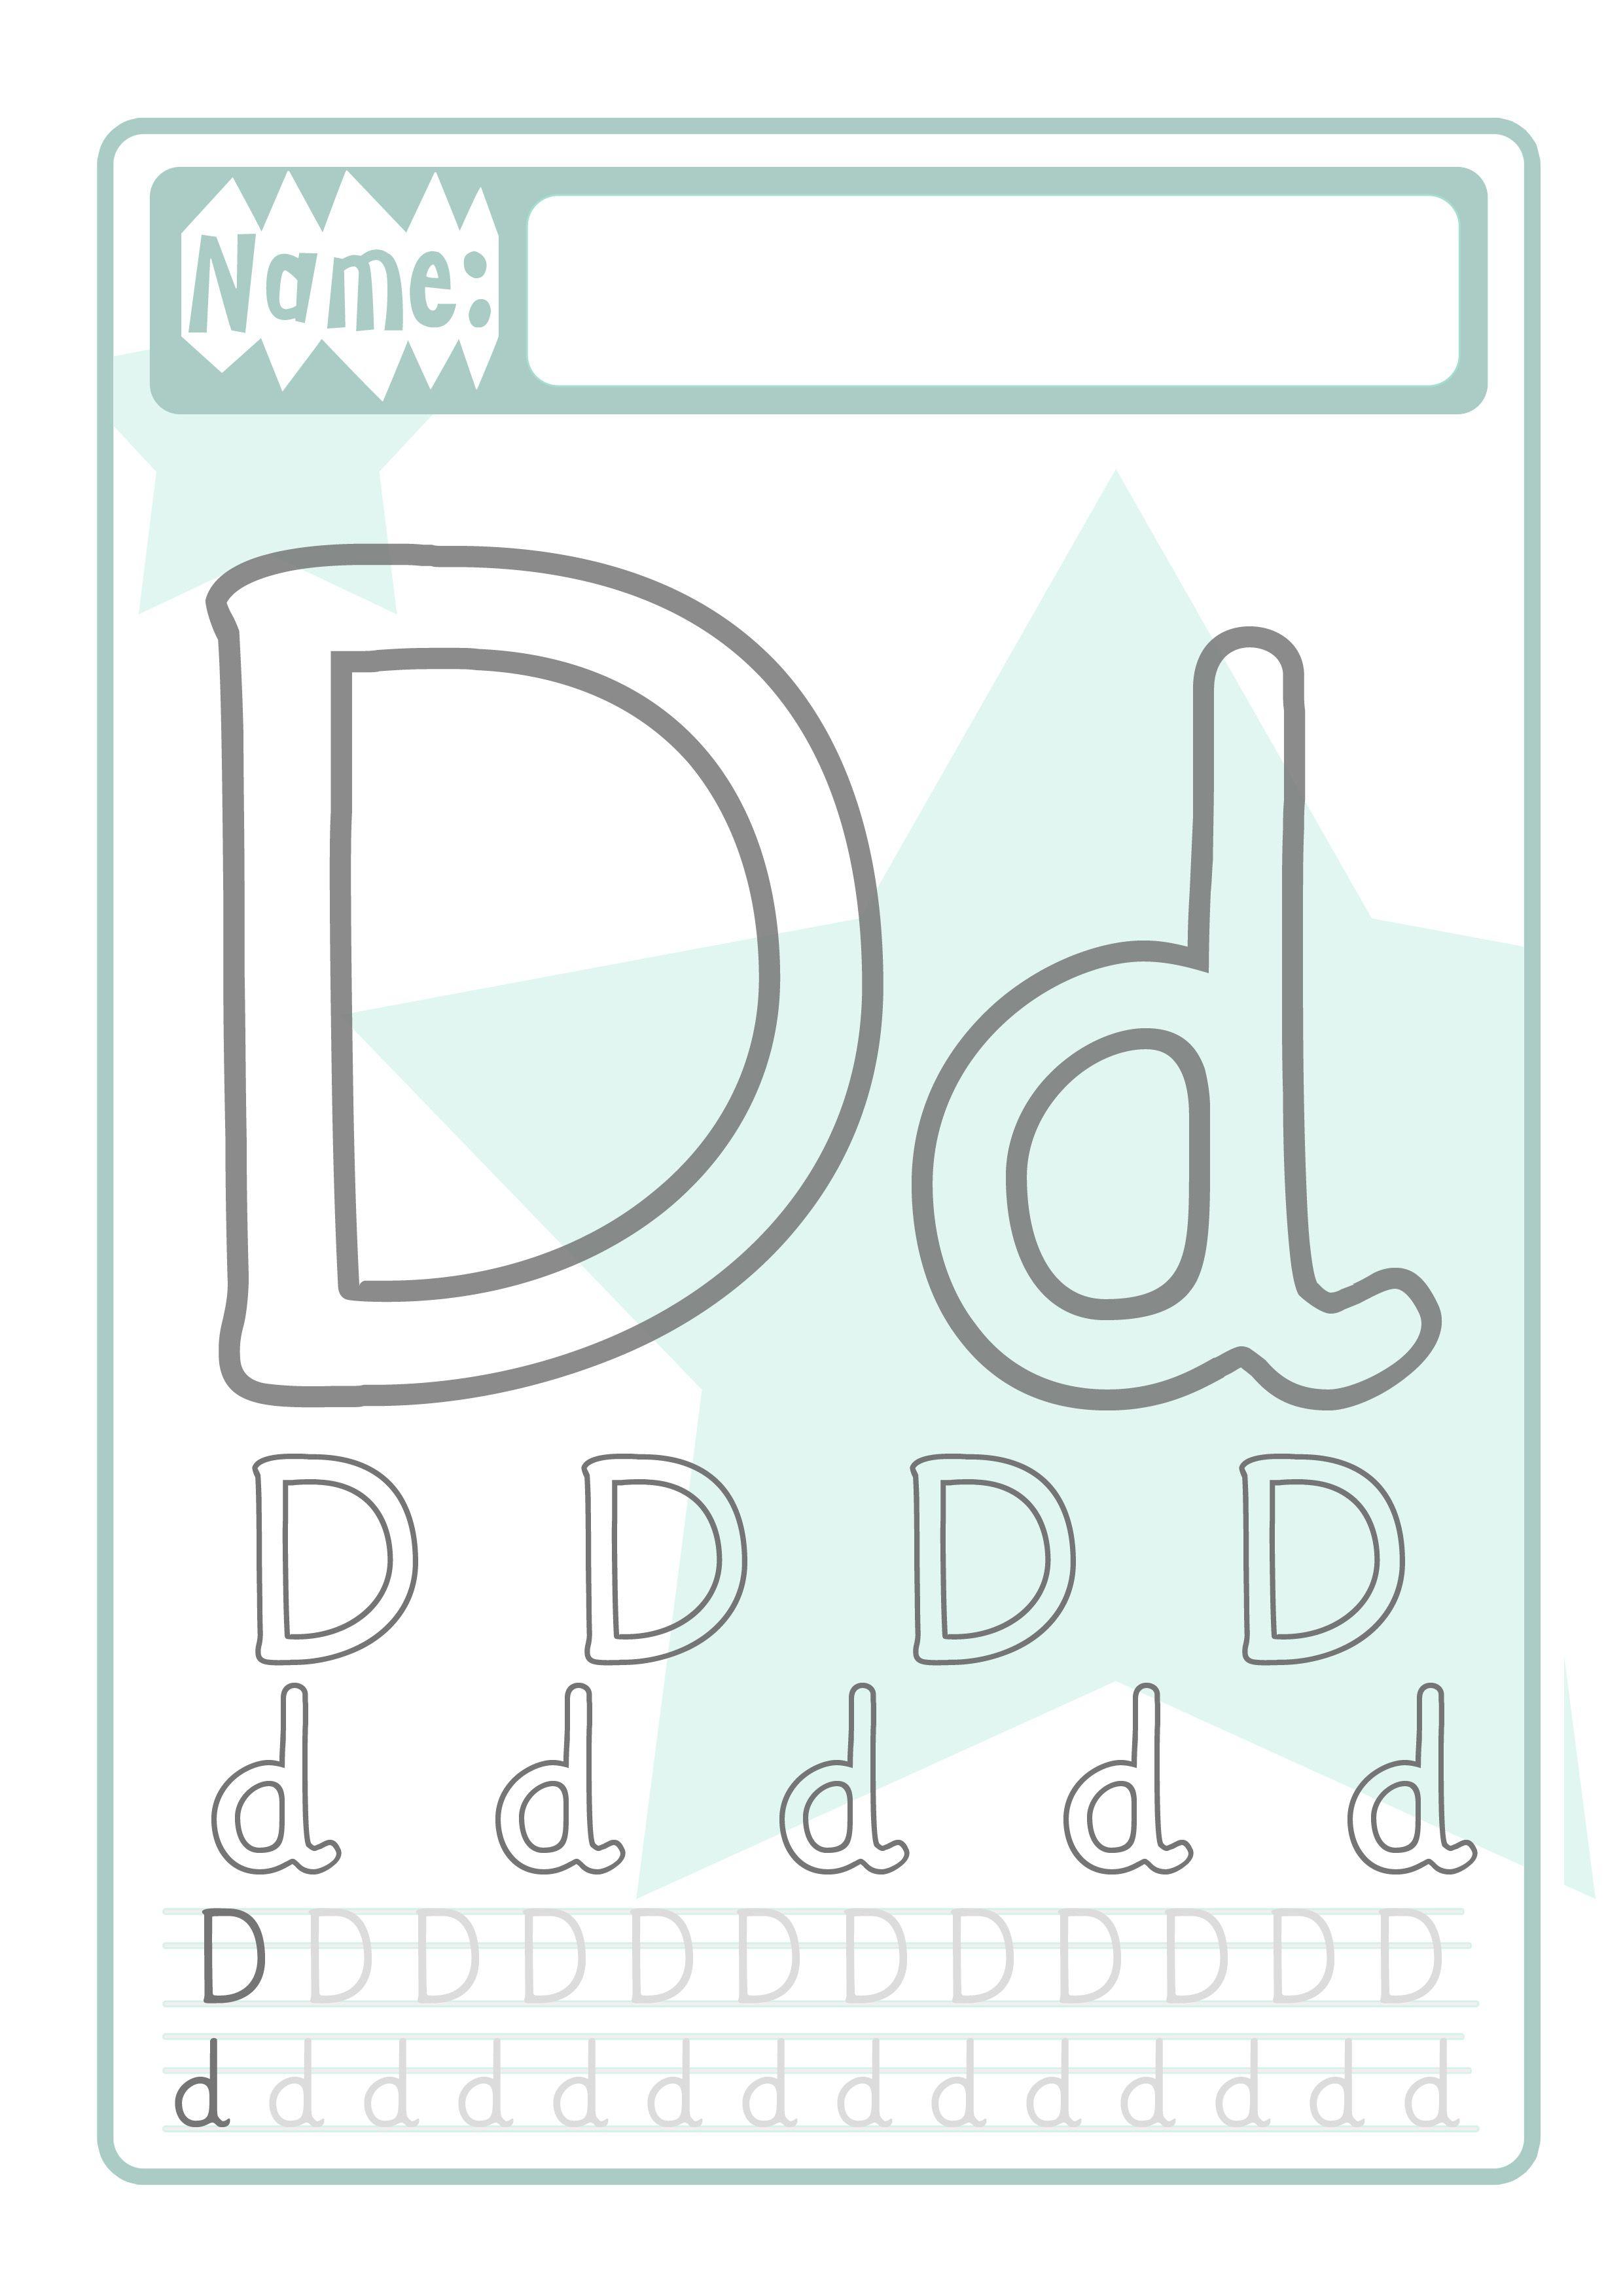 Buchstaben Druckvorlage Fur Kinder Buchstaben Lernen Buchstaben Schreiben Lernen